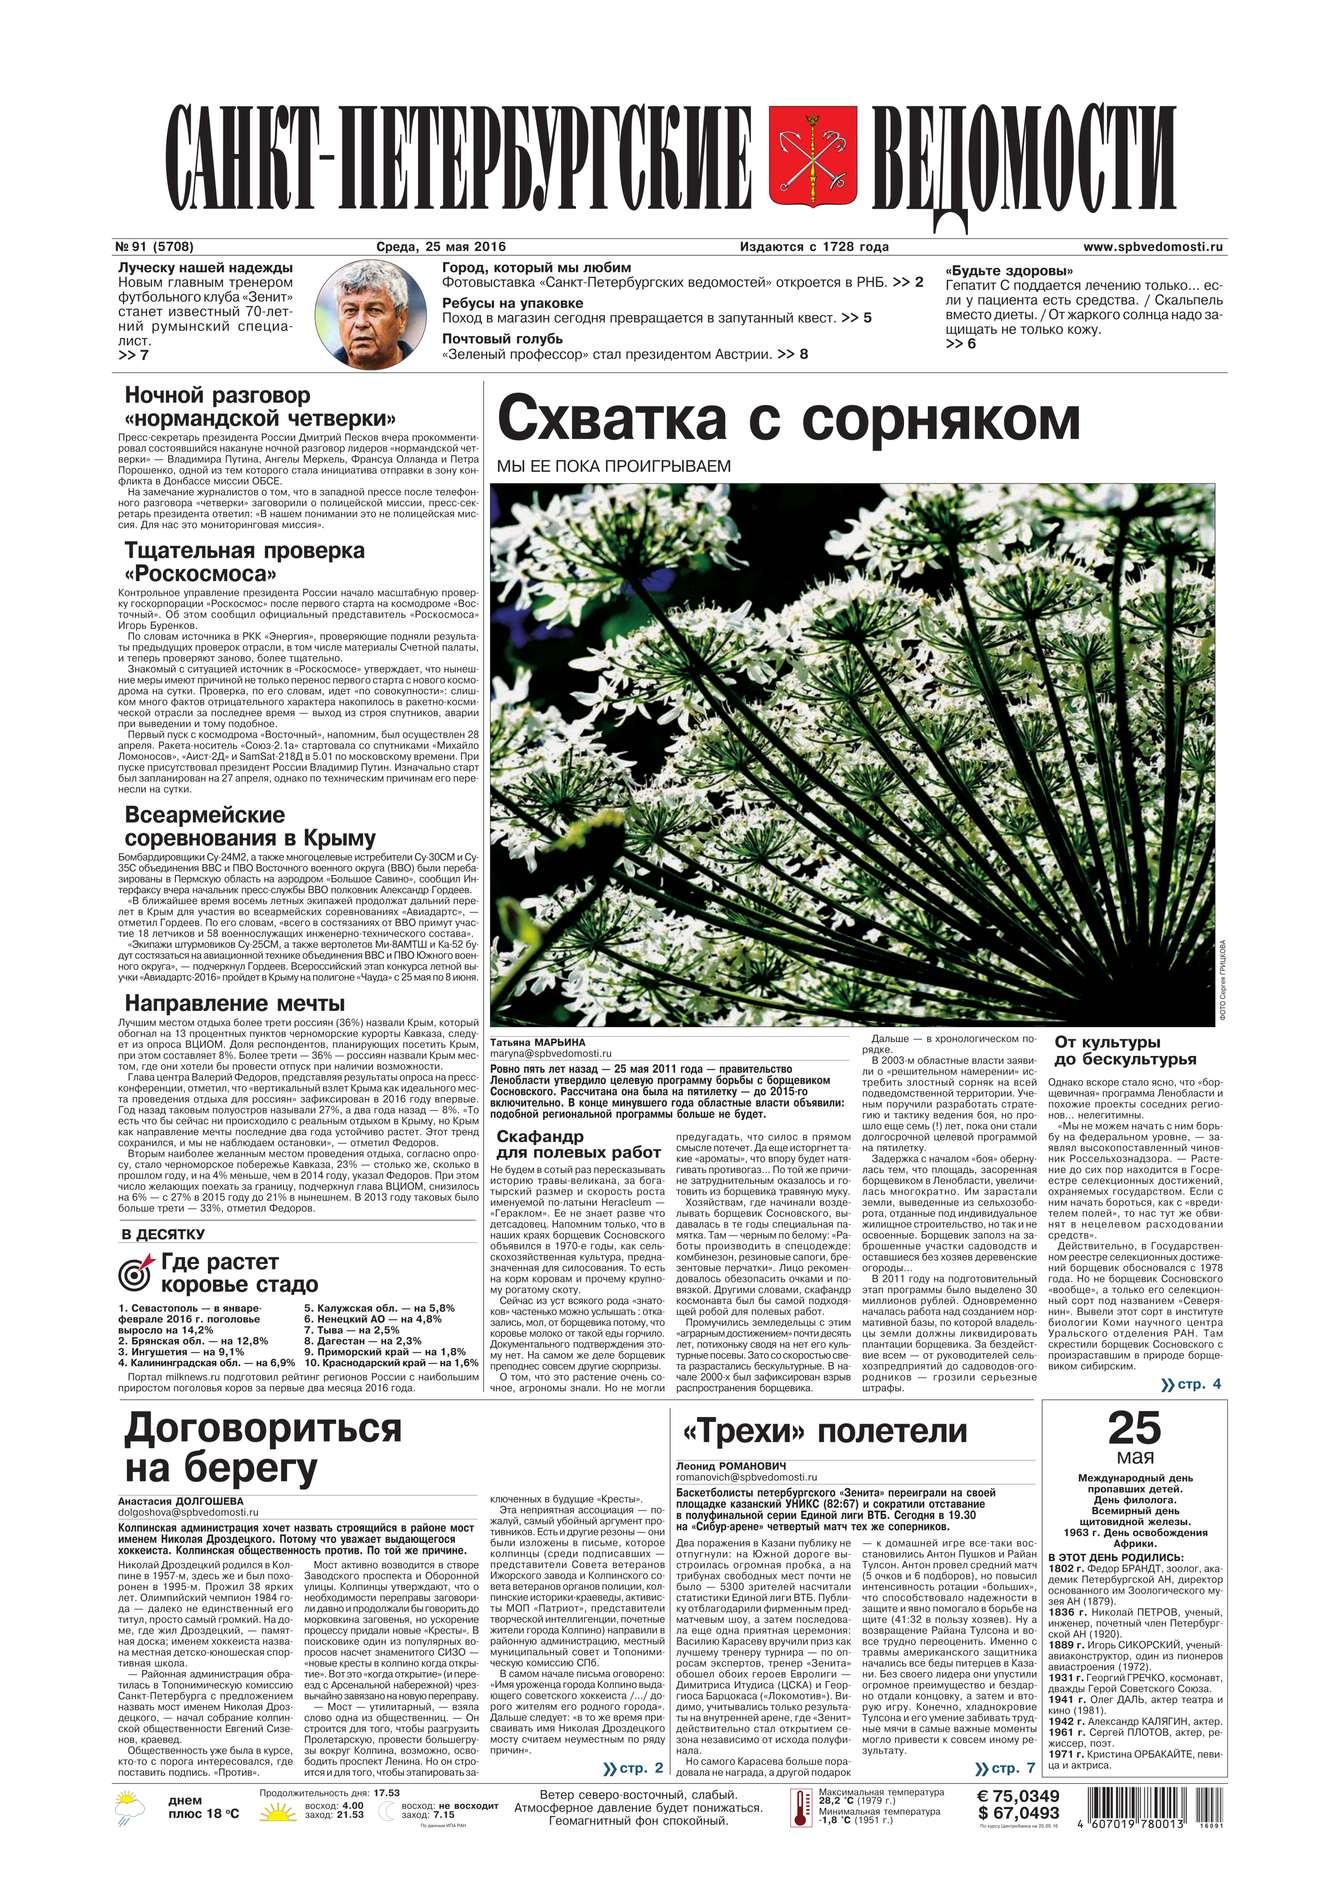 Редакция газеты Санкт-Петербургские ведомости Санкт-Петербургские ведомости 91-2016